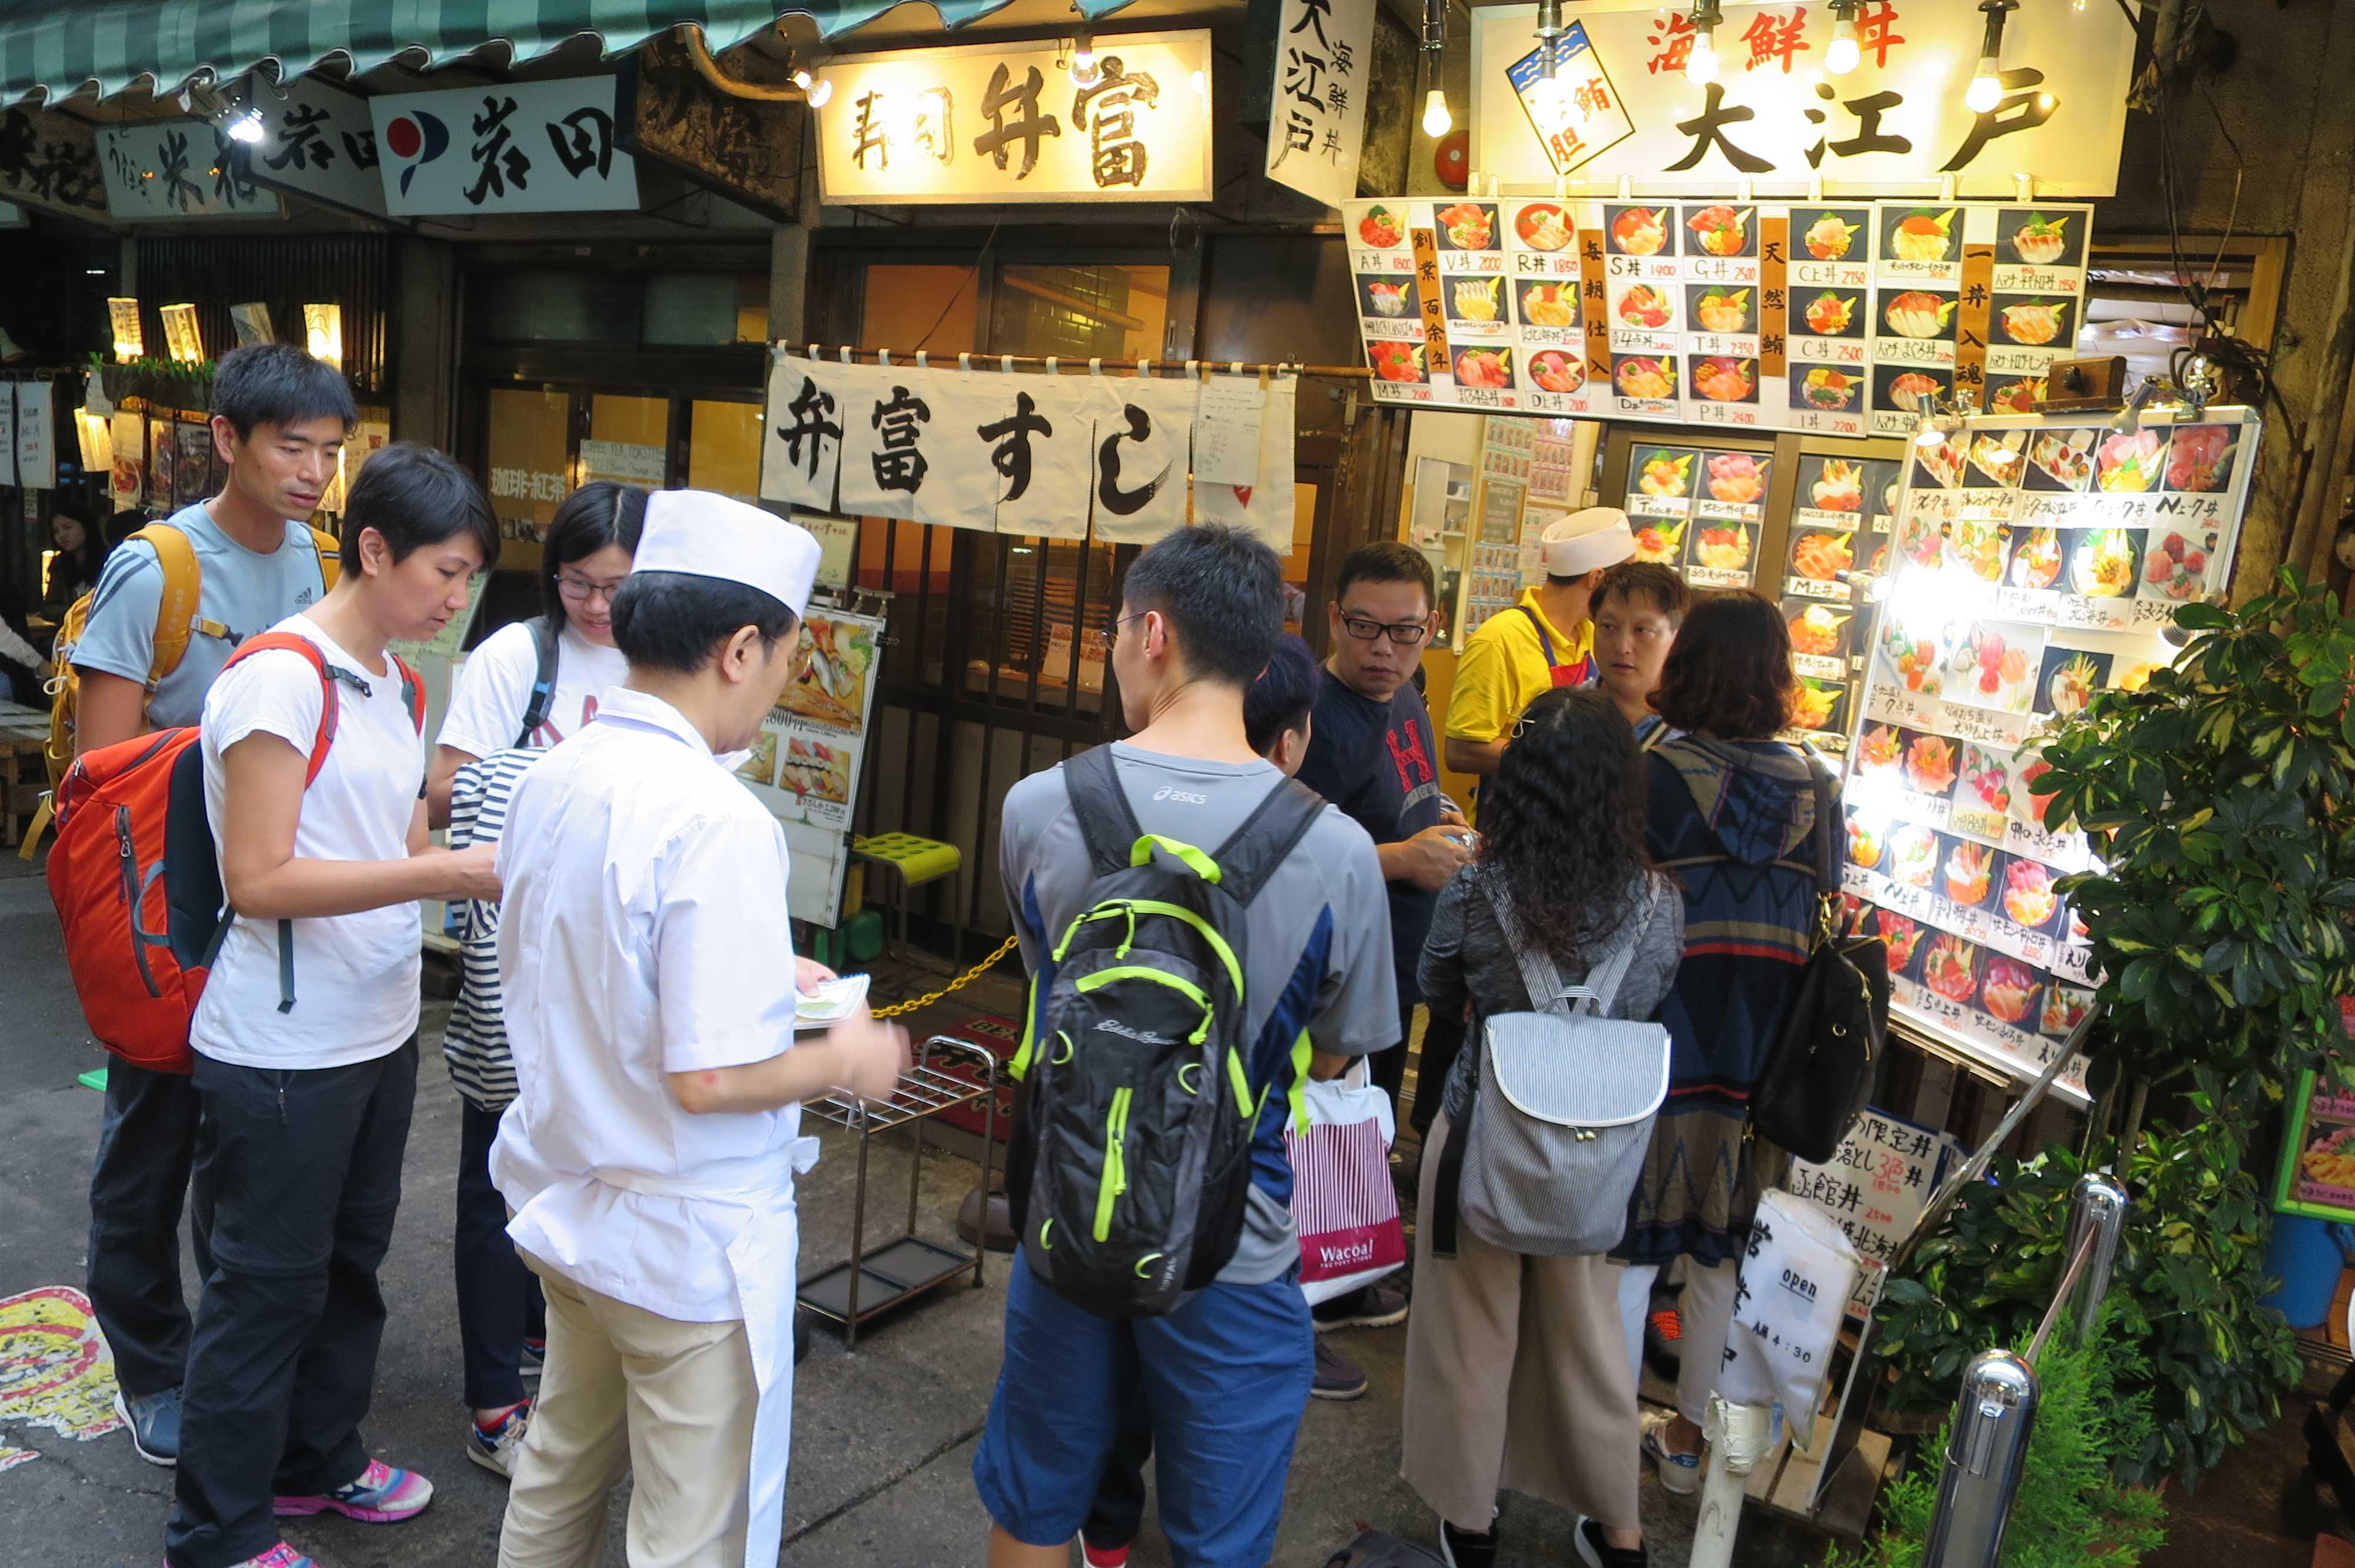 築地市場(場内) - 寿司店の前の順番待ち